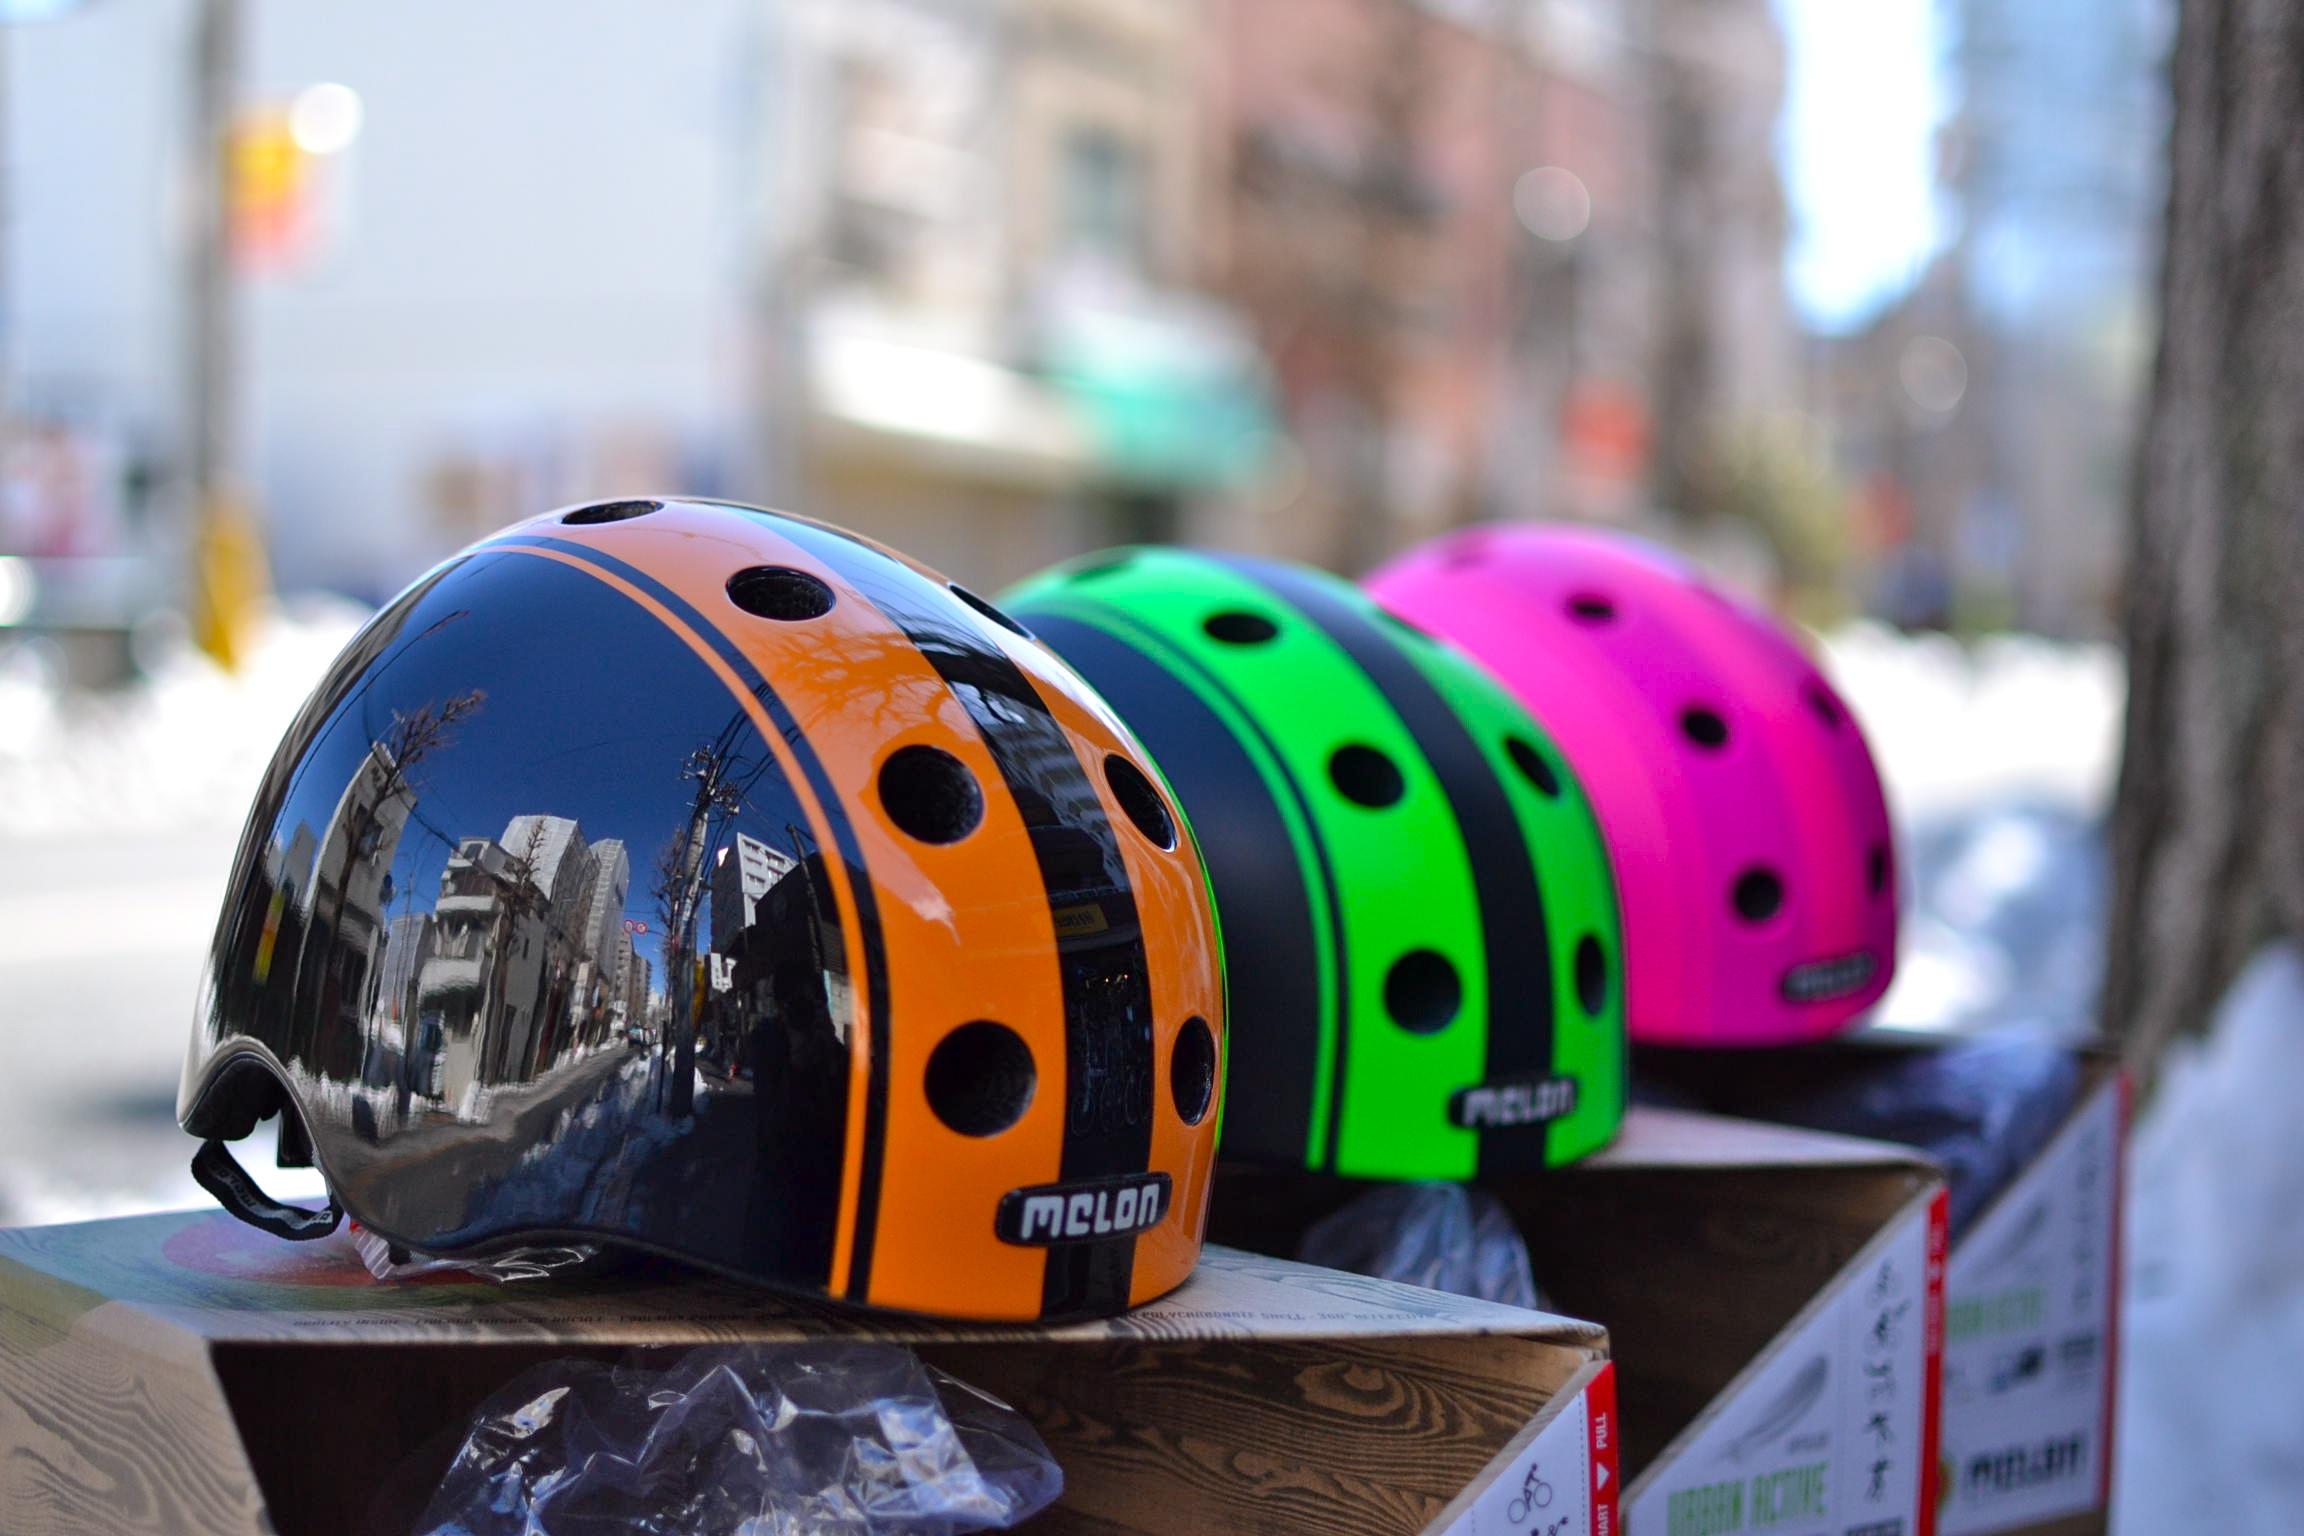 自転車の 自転車 ヘルメット キッズ おすすめ : ... おすすめ情報 , キッズ・その他